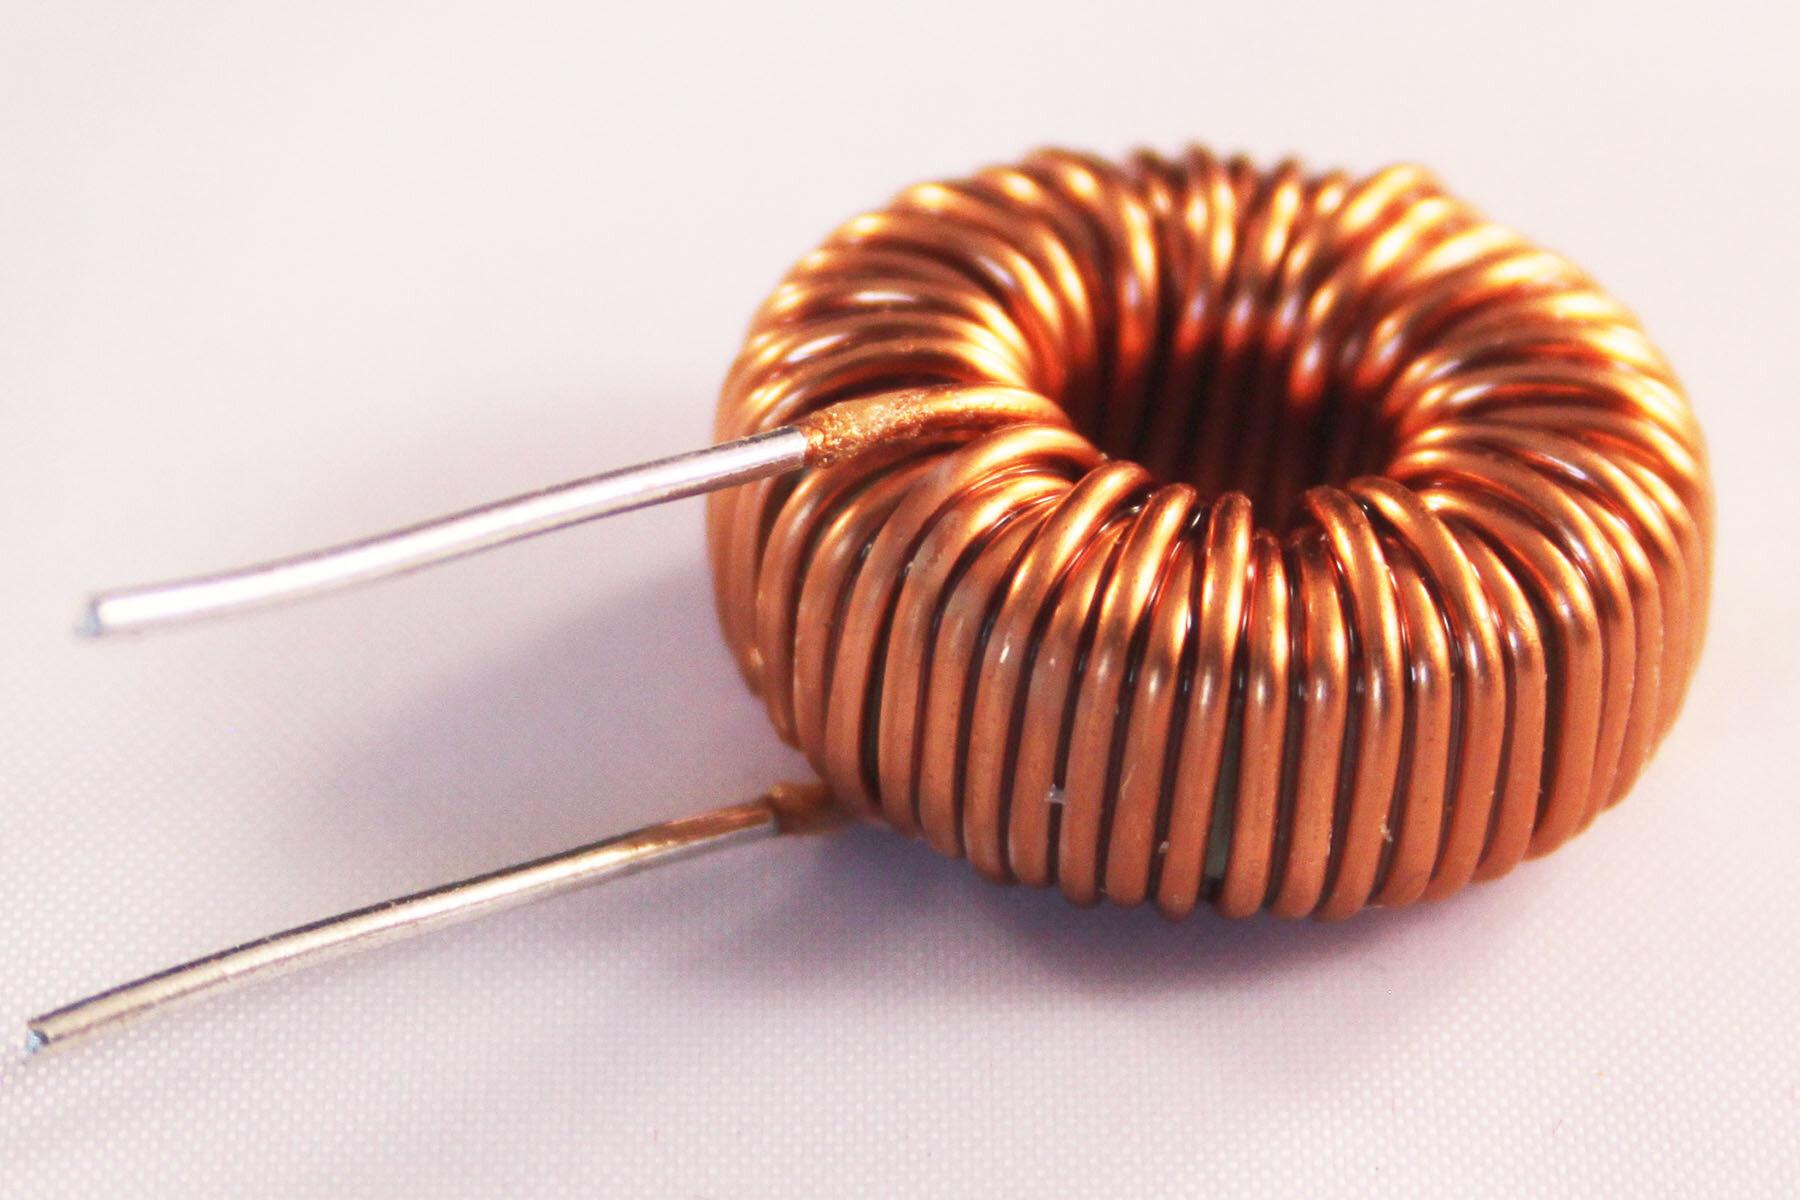 IND100UH5A Inductor 100uH Ferrite Core - Edited.jpg